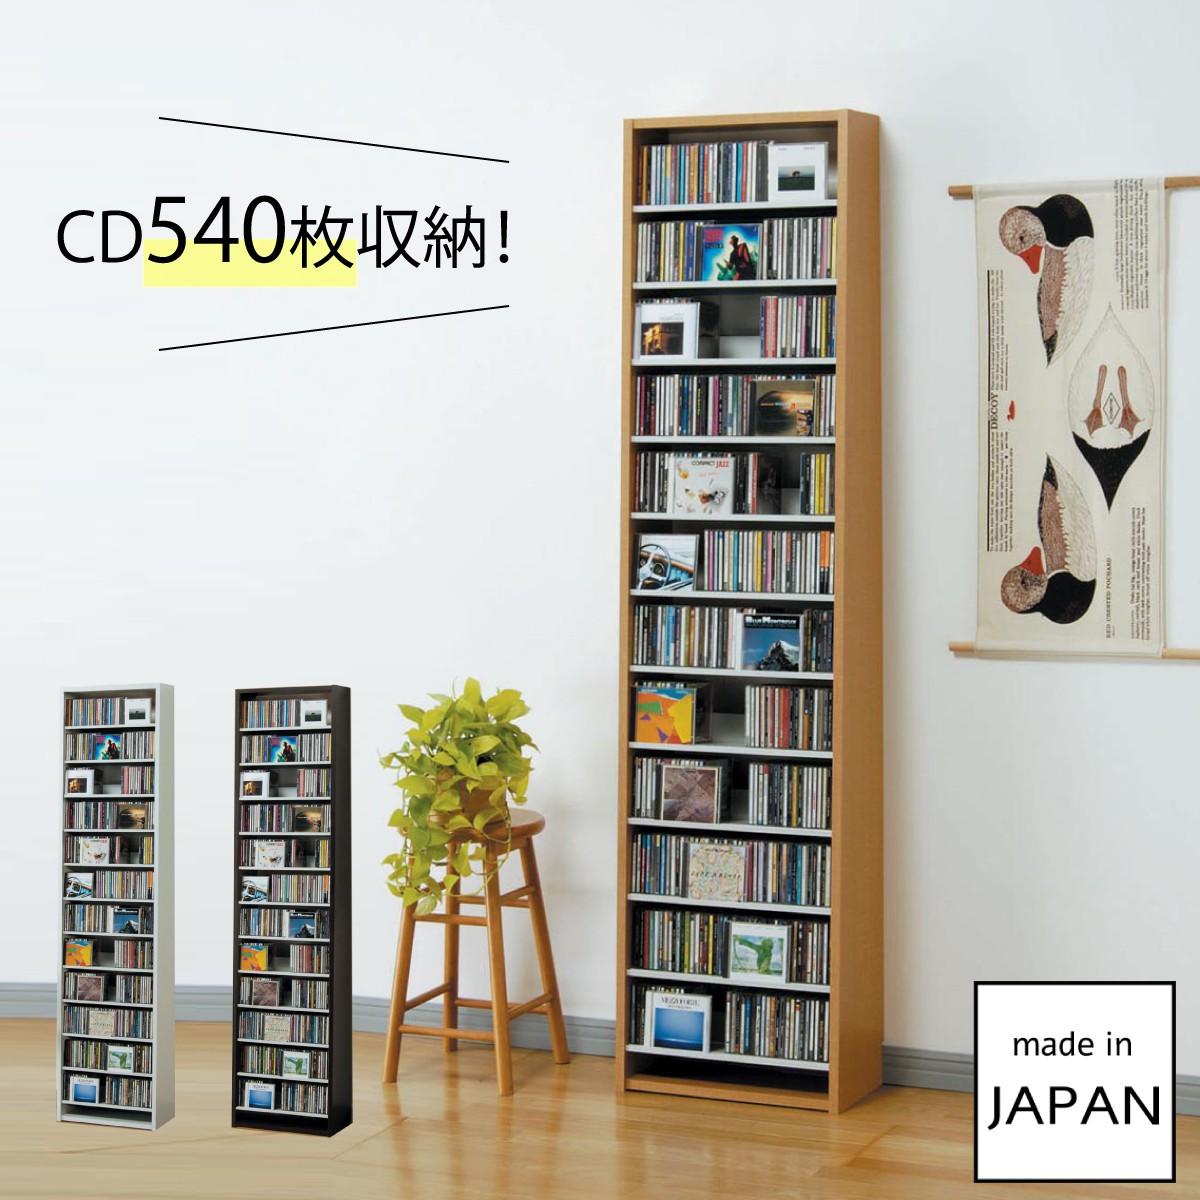 cdラック cd 収納 スリム 大容量 おしゃれ オークス CDストッカー CS540 メーカー直送